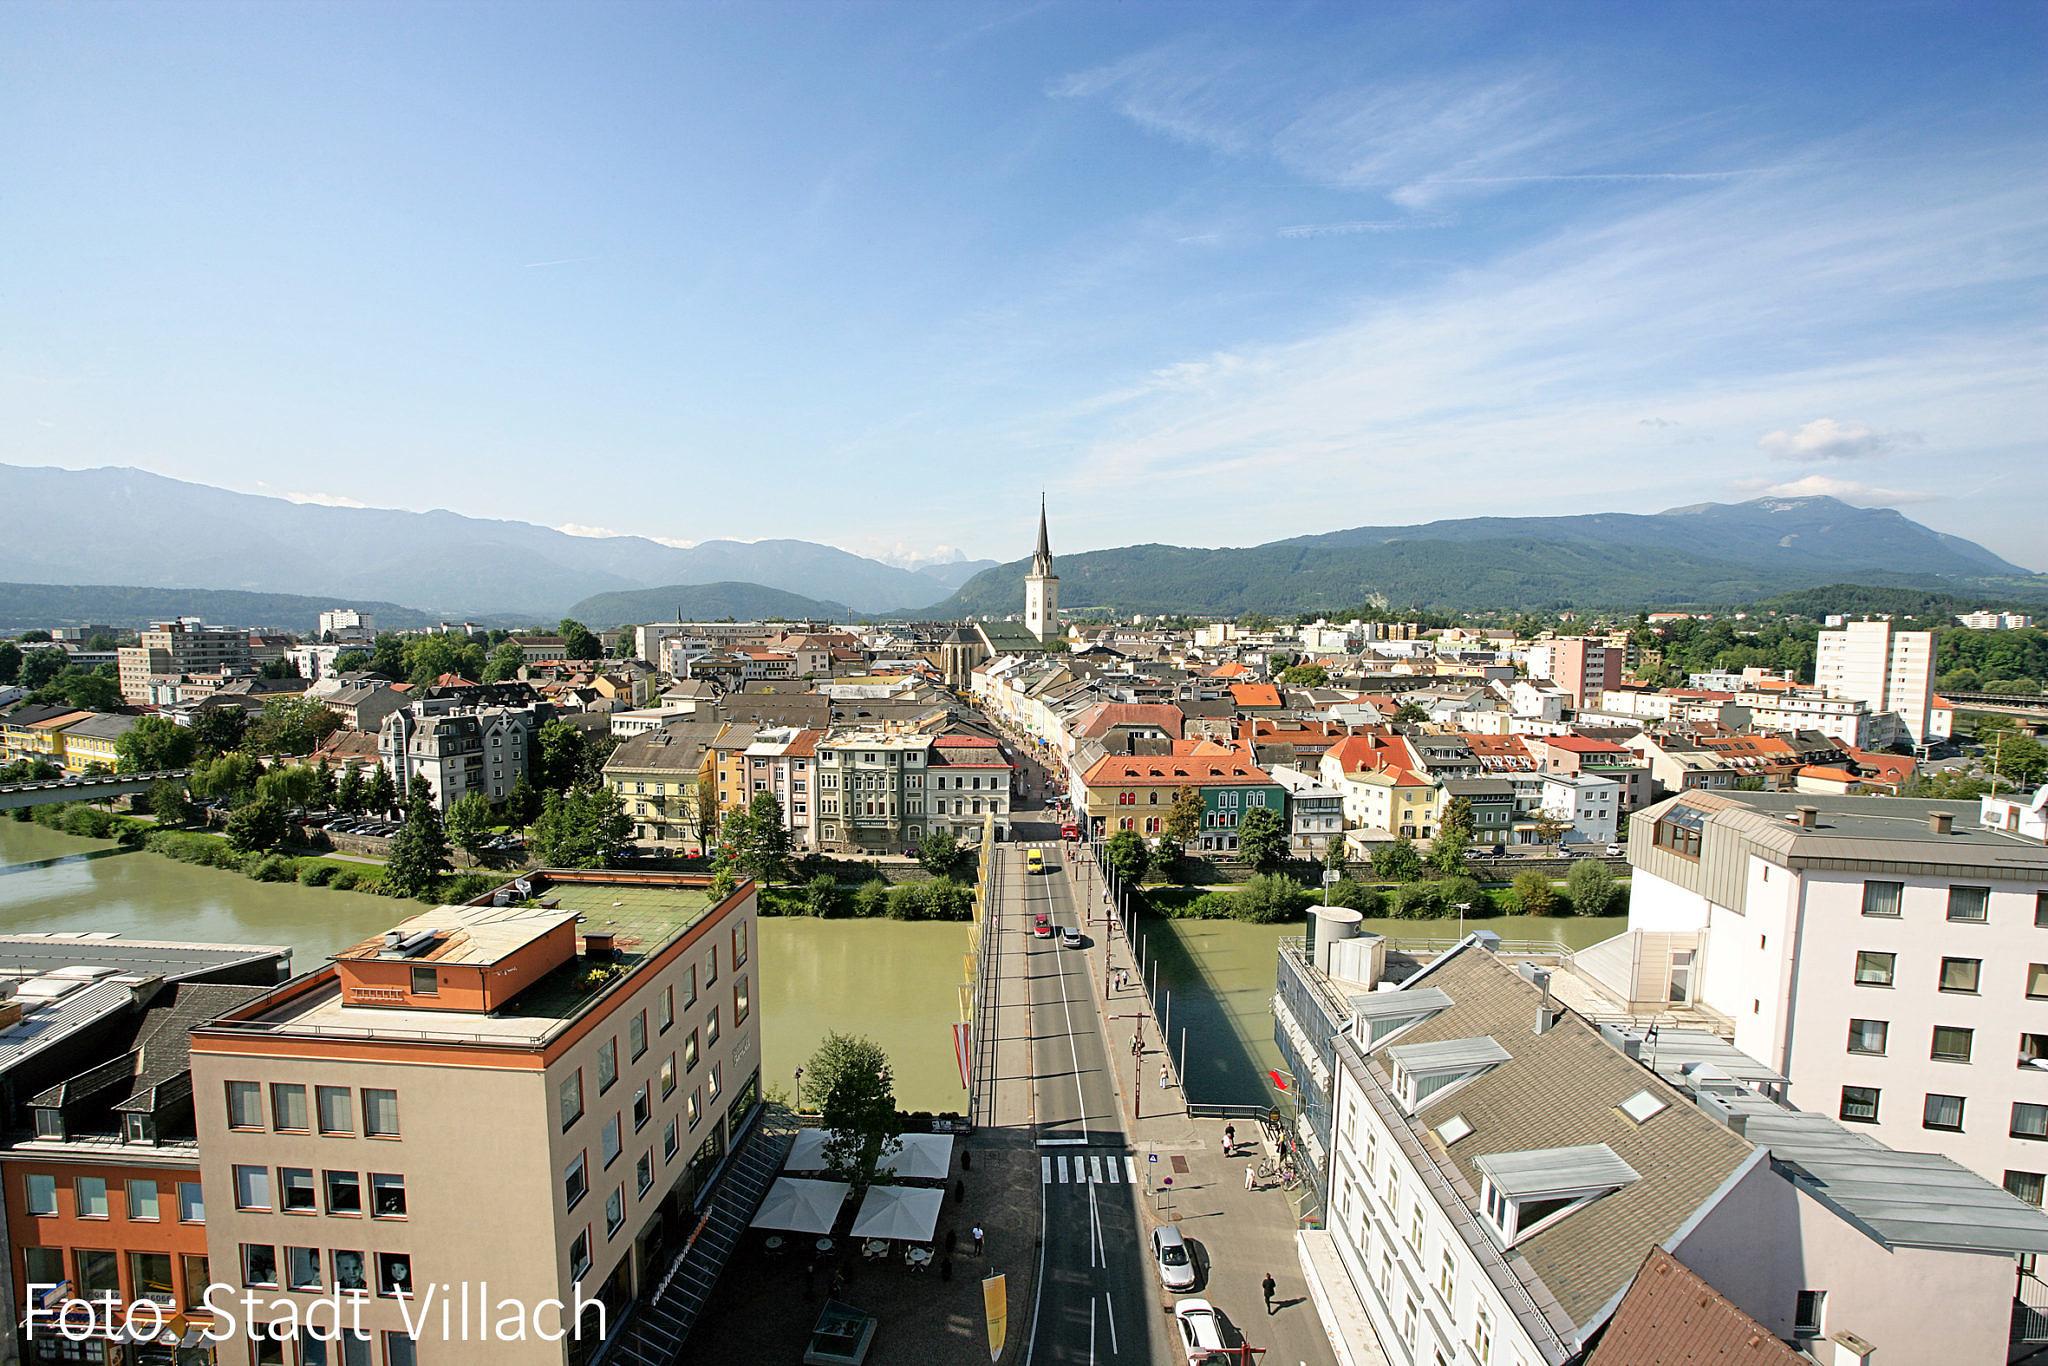 Stadt Villach geht mit gutem Beispiel voran